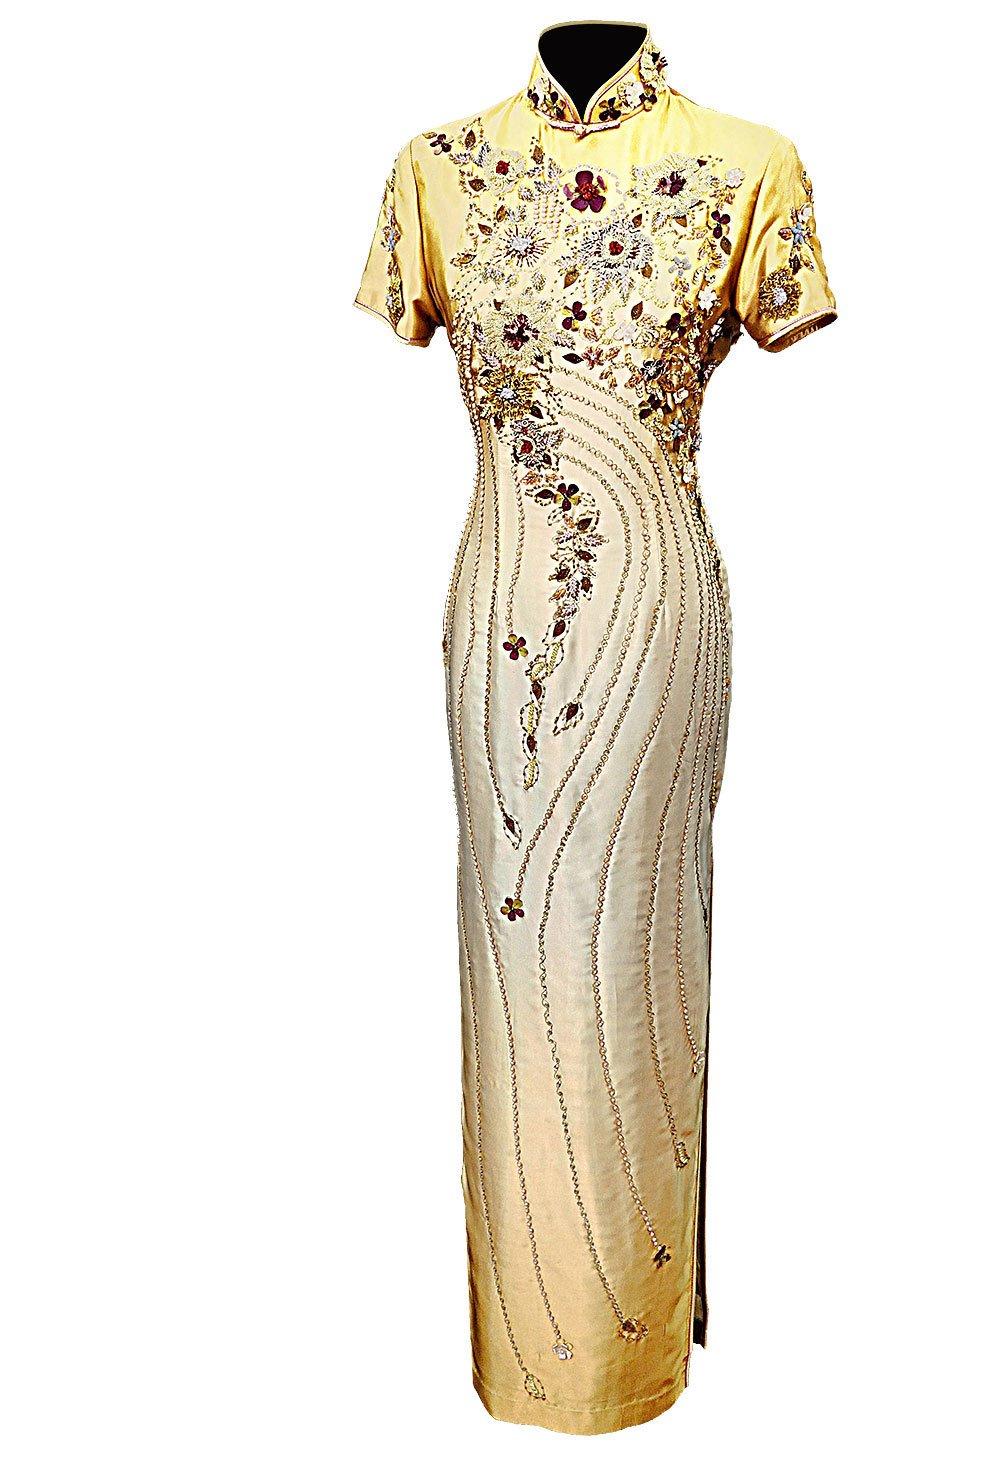 旗袍上的釘珠和圖案,可以在視覺上產生修身的效果。